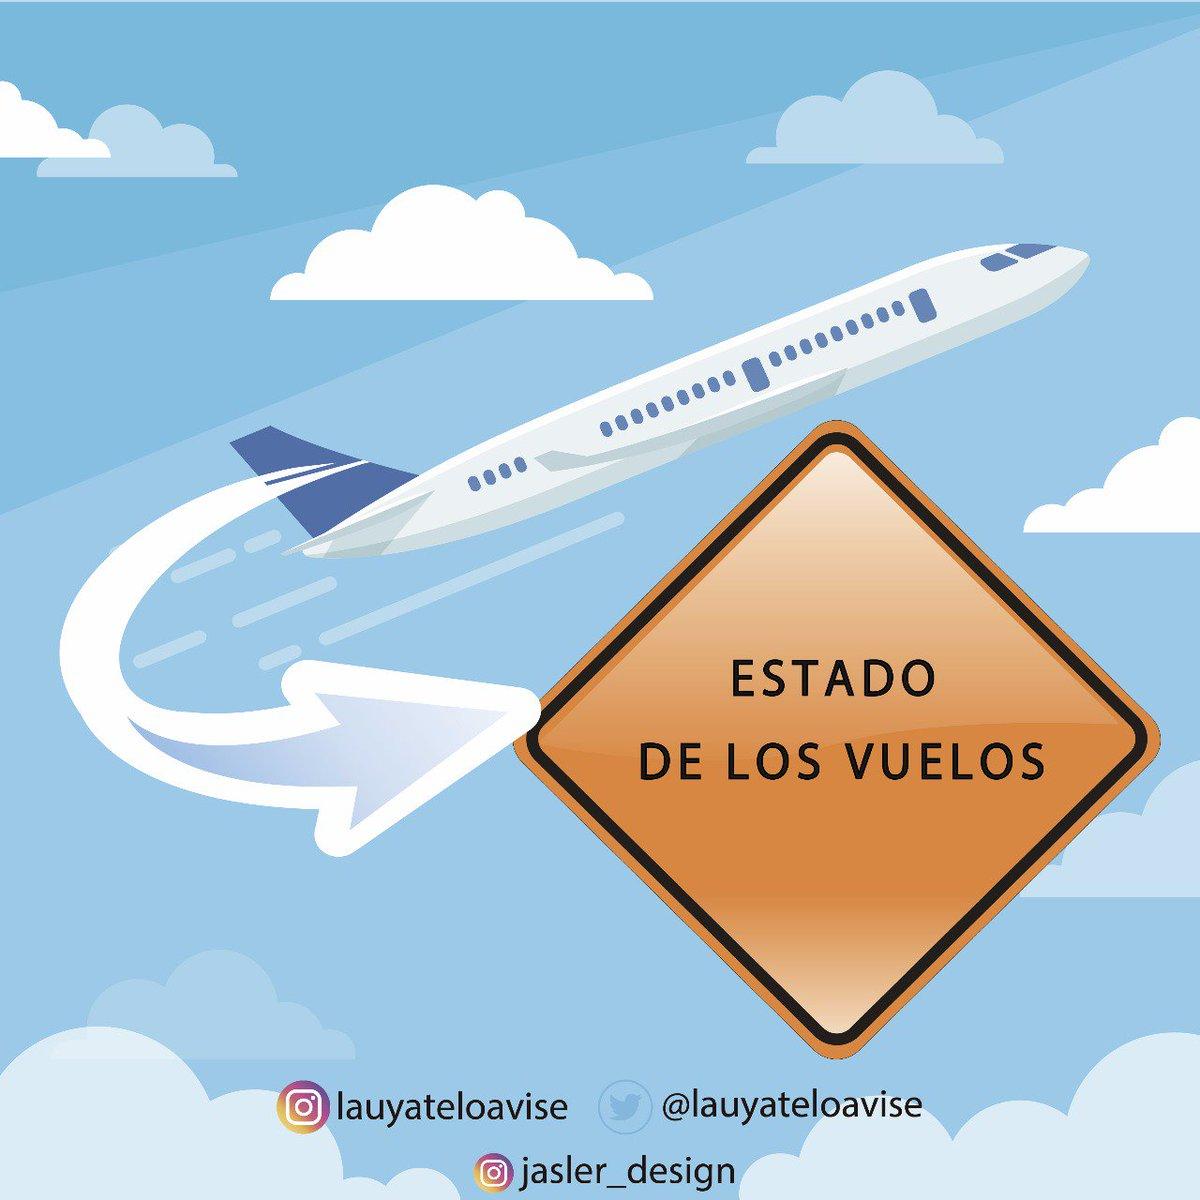 #Aeropuerto de #Ezeiza y #Aeroparque Jorge Newbery con demoras y cancelaciones #YaTeLoAvisé #PeriodistasDeTránsitopic.twitter.com/Pnstb4soJH